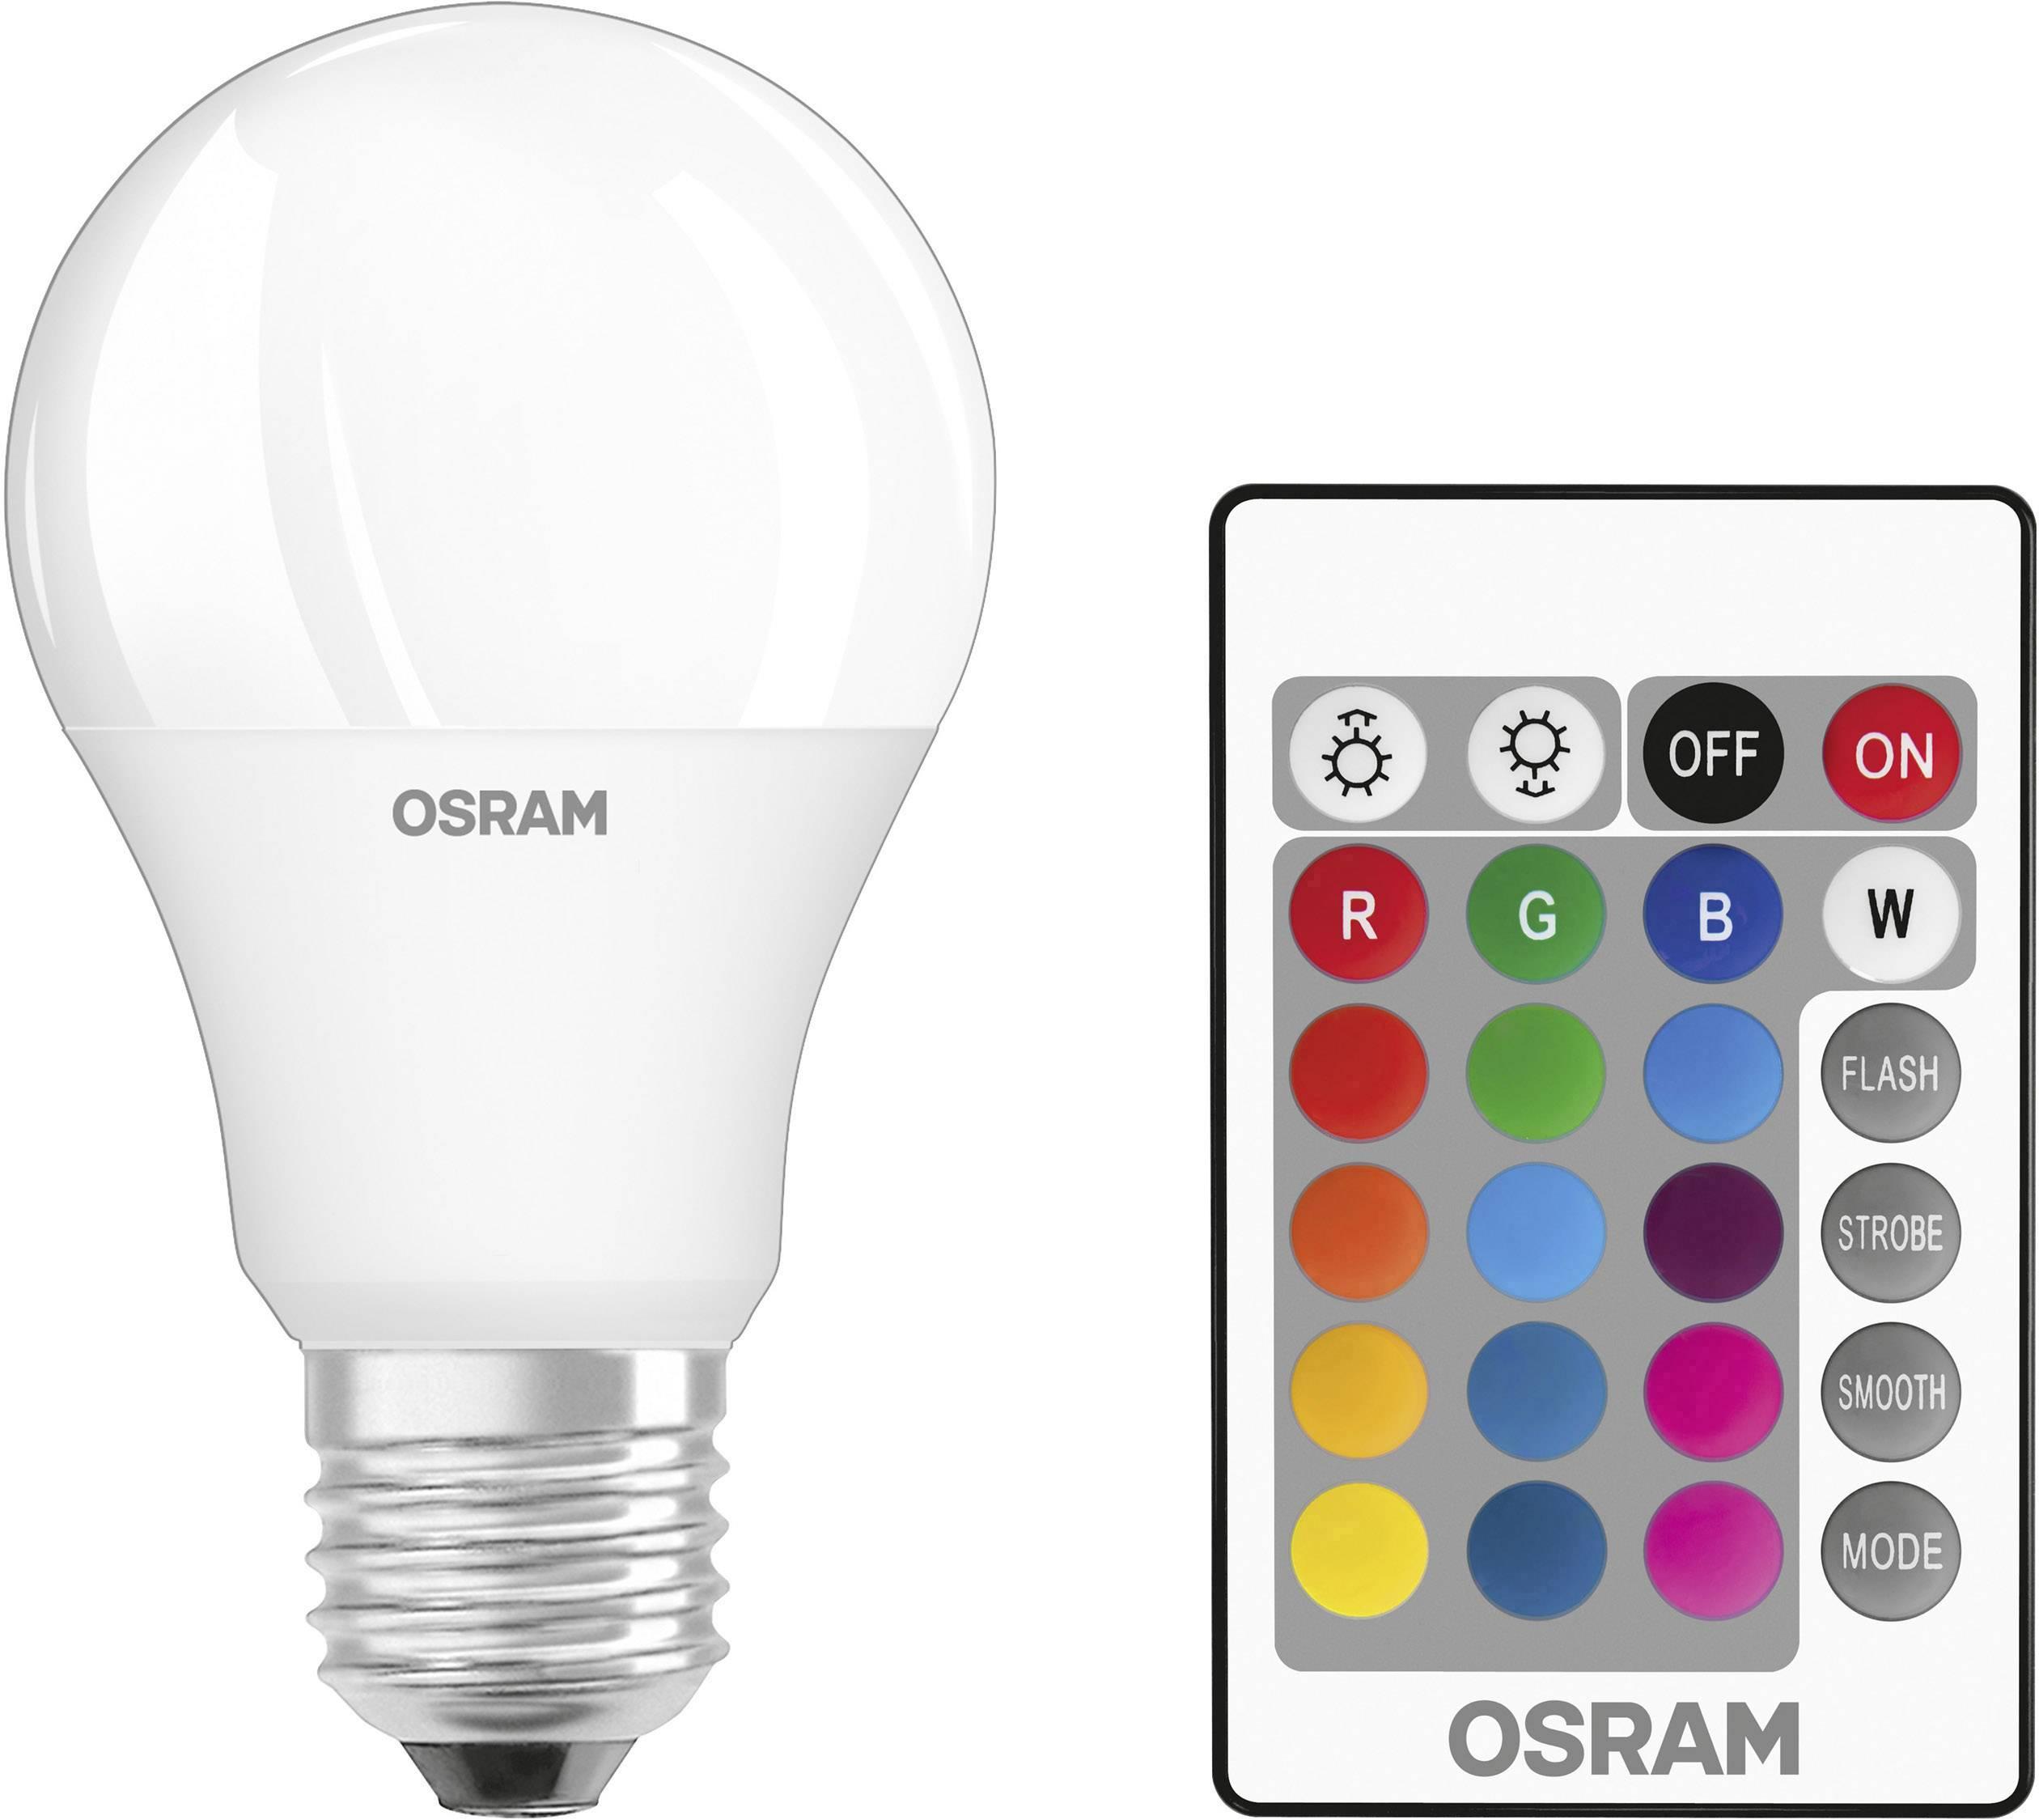 Kaufen Günstig Fernbedienung Lampe Online Led Mit Conrad Bei kZuXilOTwP